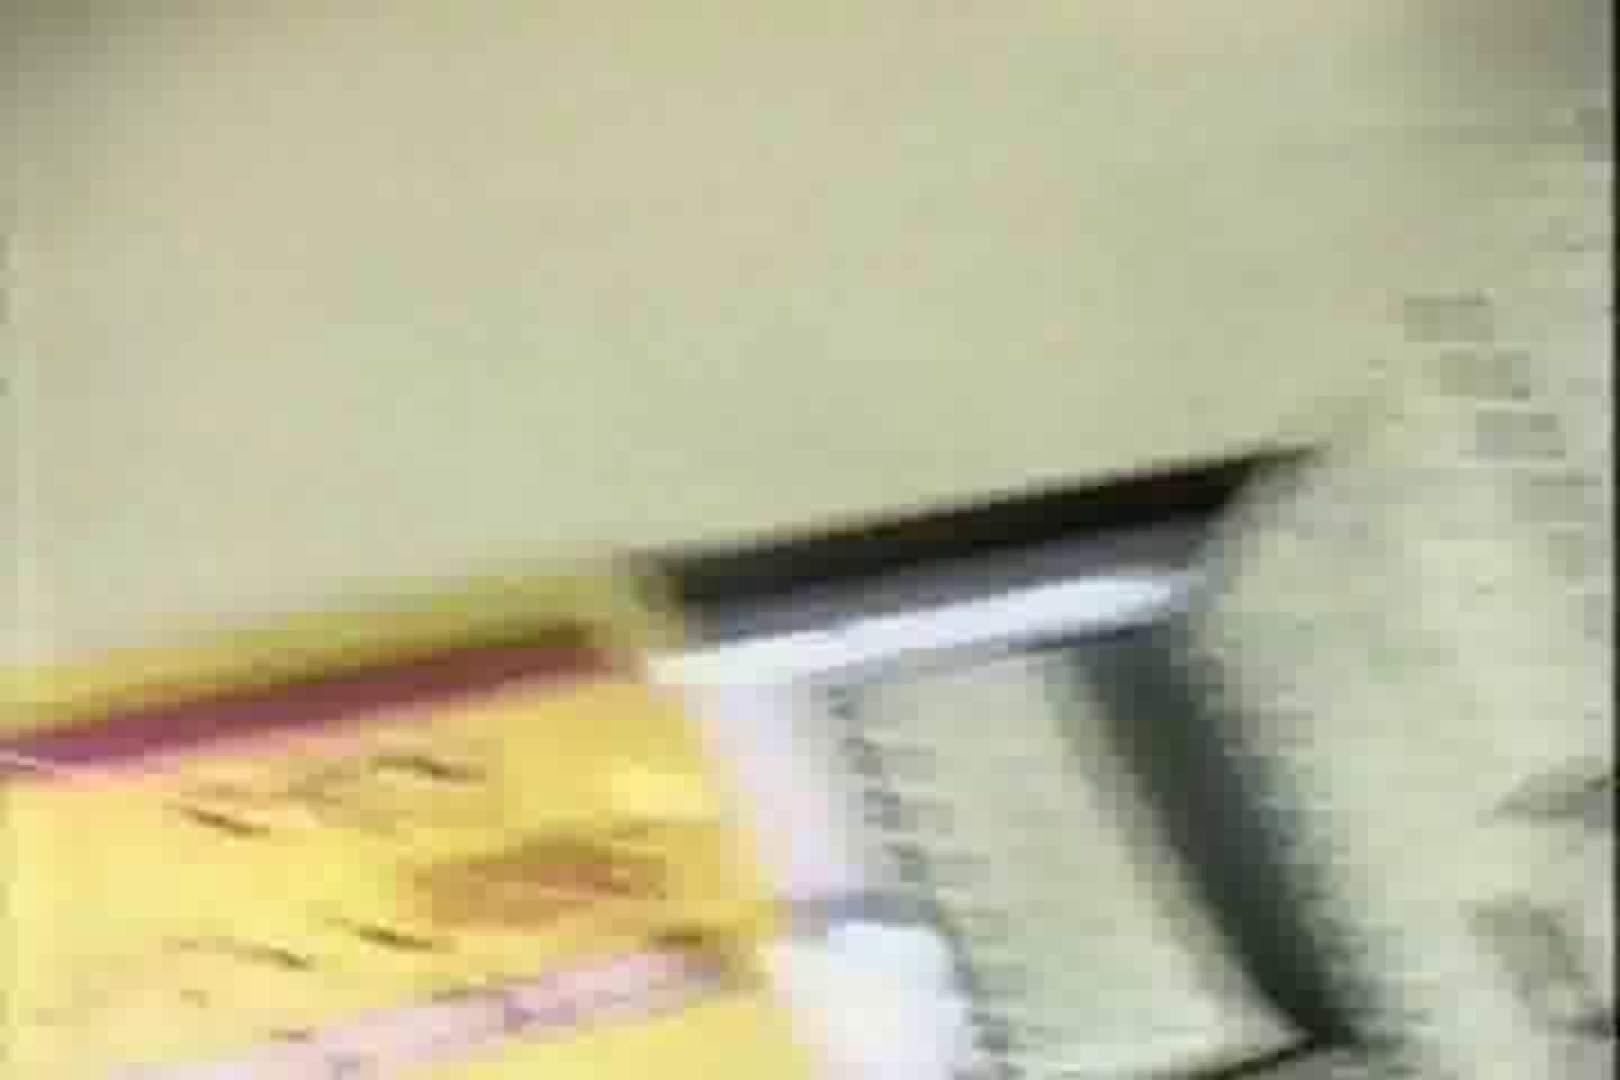 投稿盗撮 女子の下着の考察TK-043 ギャルヌード スケベ動画紹介 57画像 20